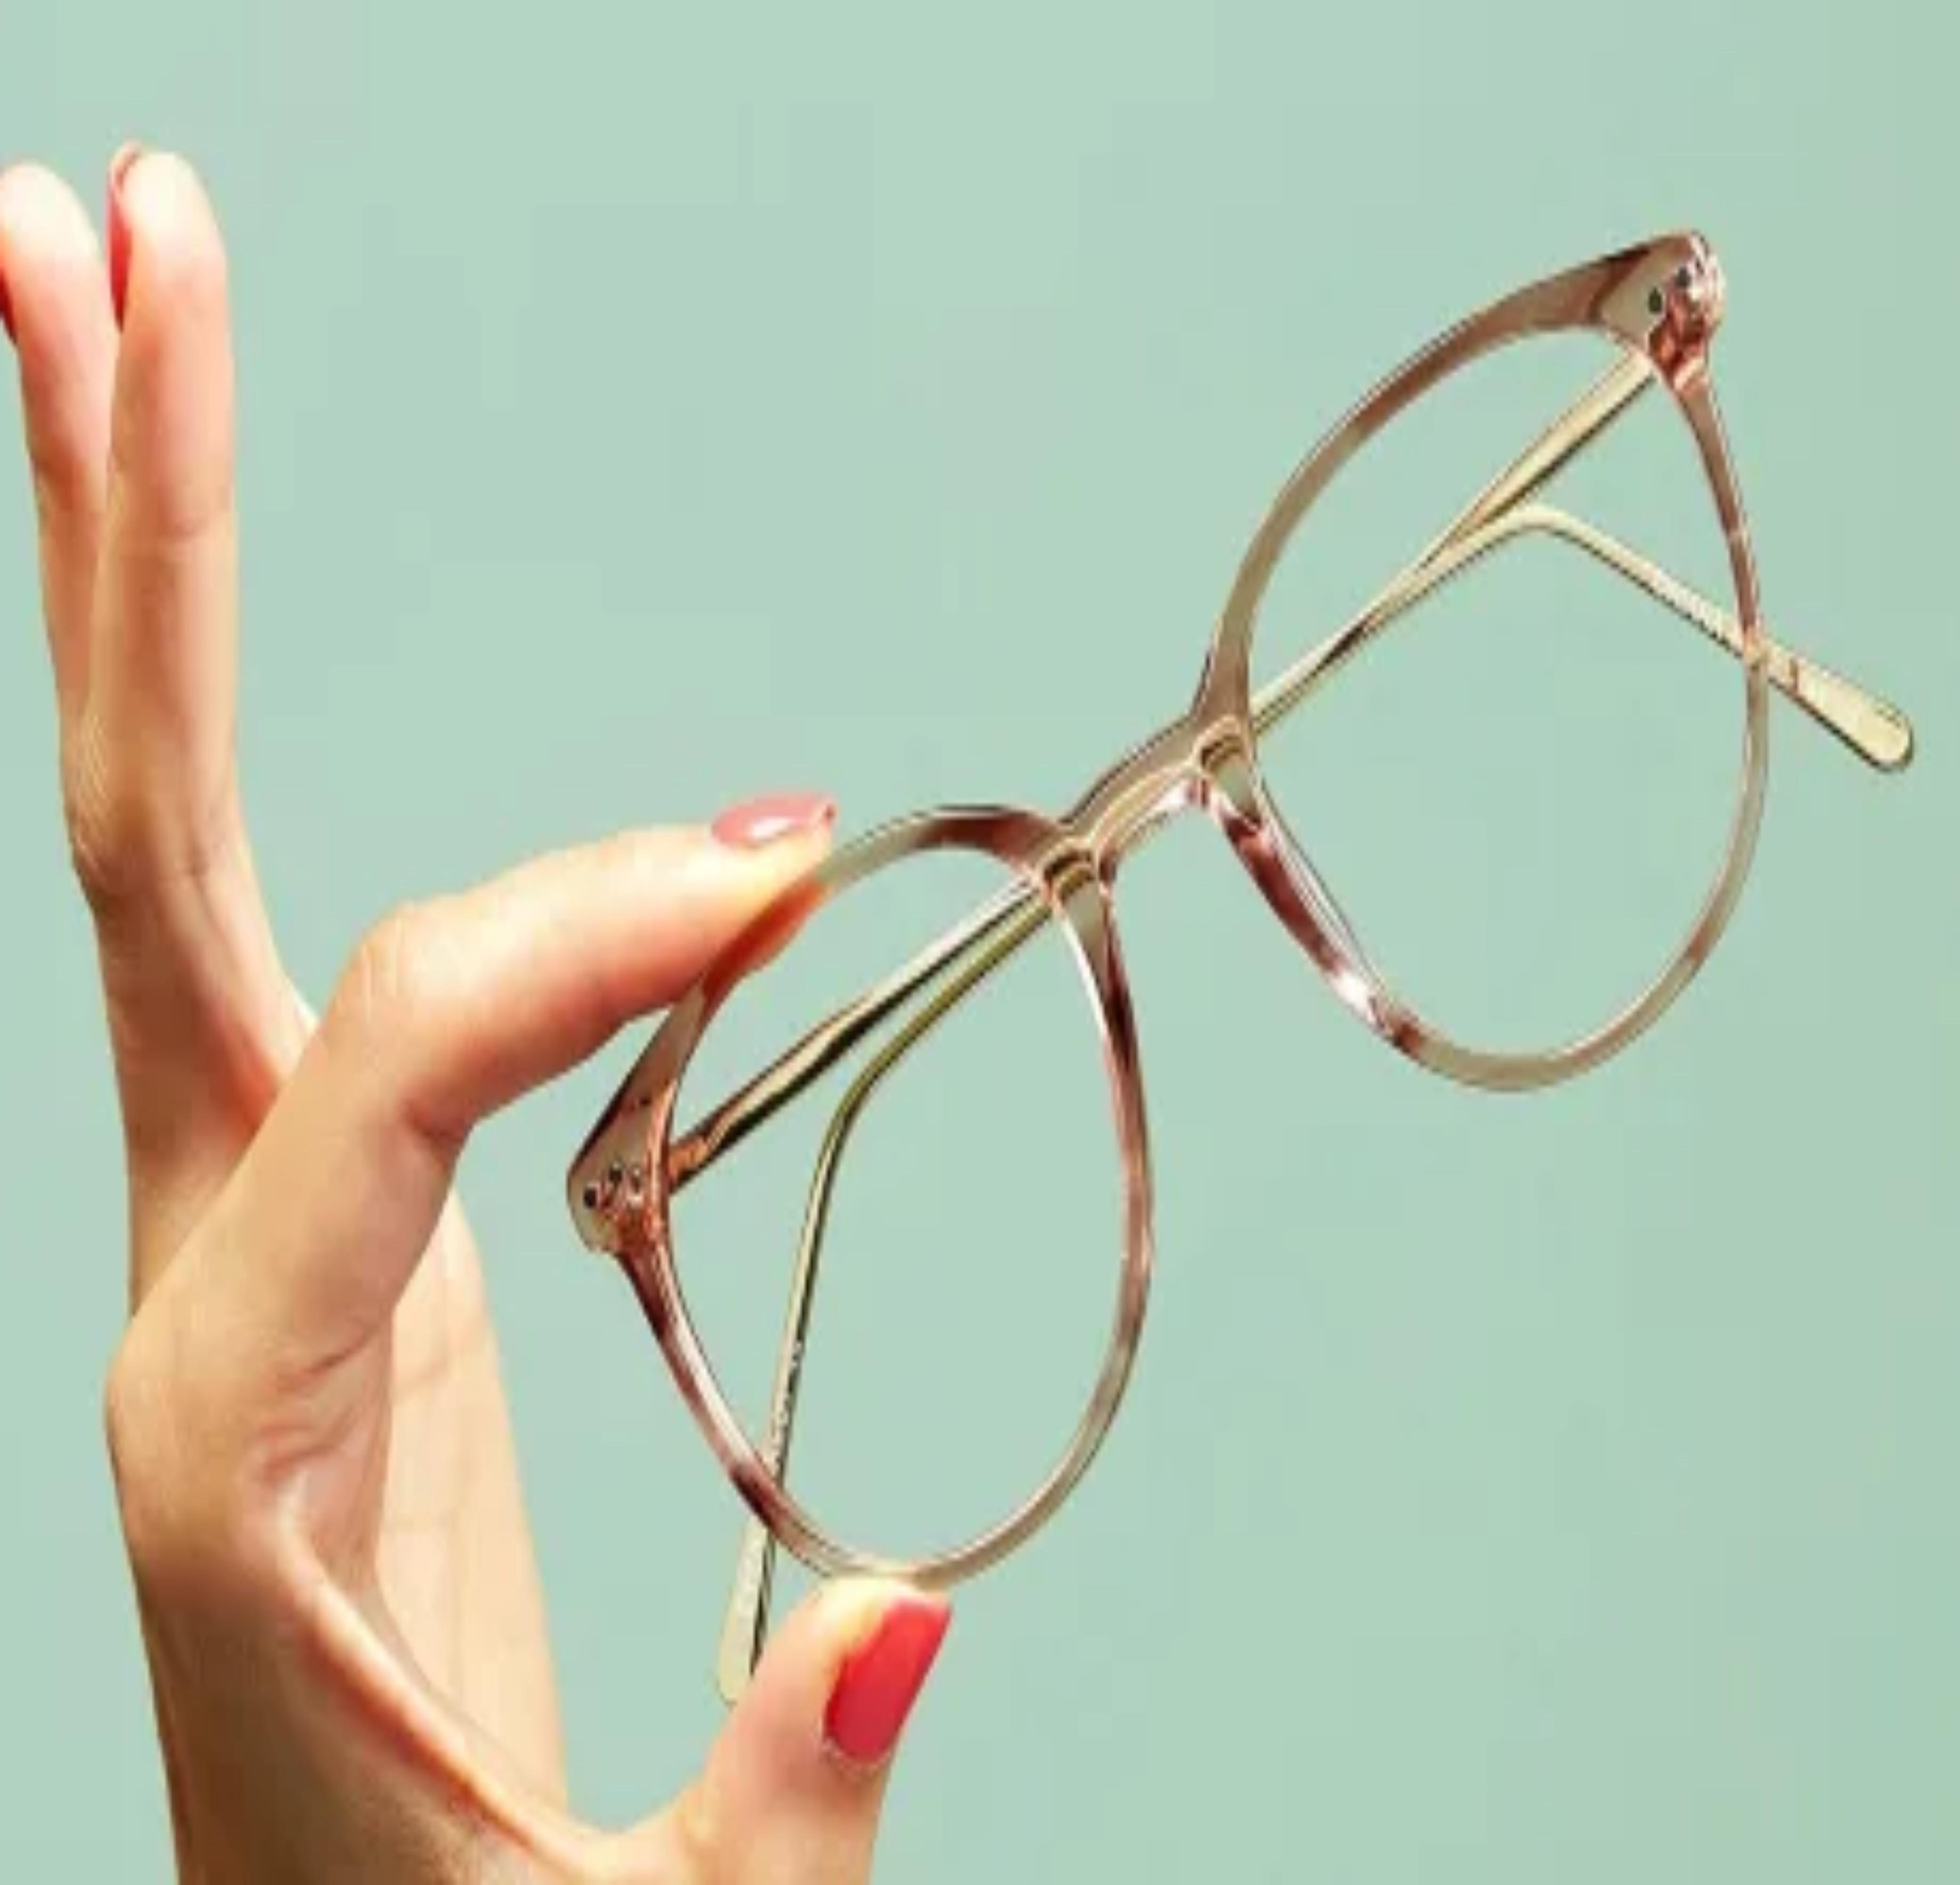 चश्मे पर लगा स्क्रेच  ऐसे दूर करें, फ्रिज में रखें और जादू देखें